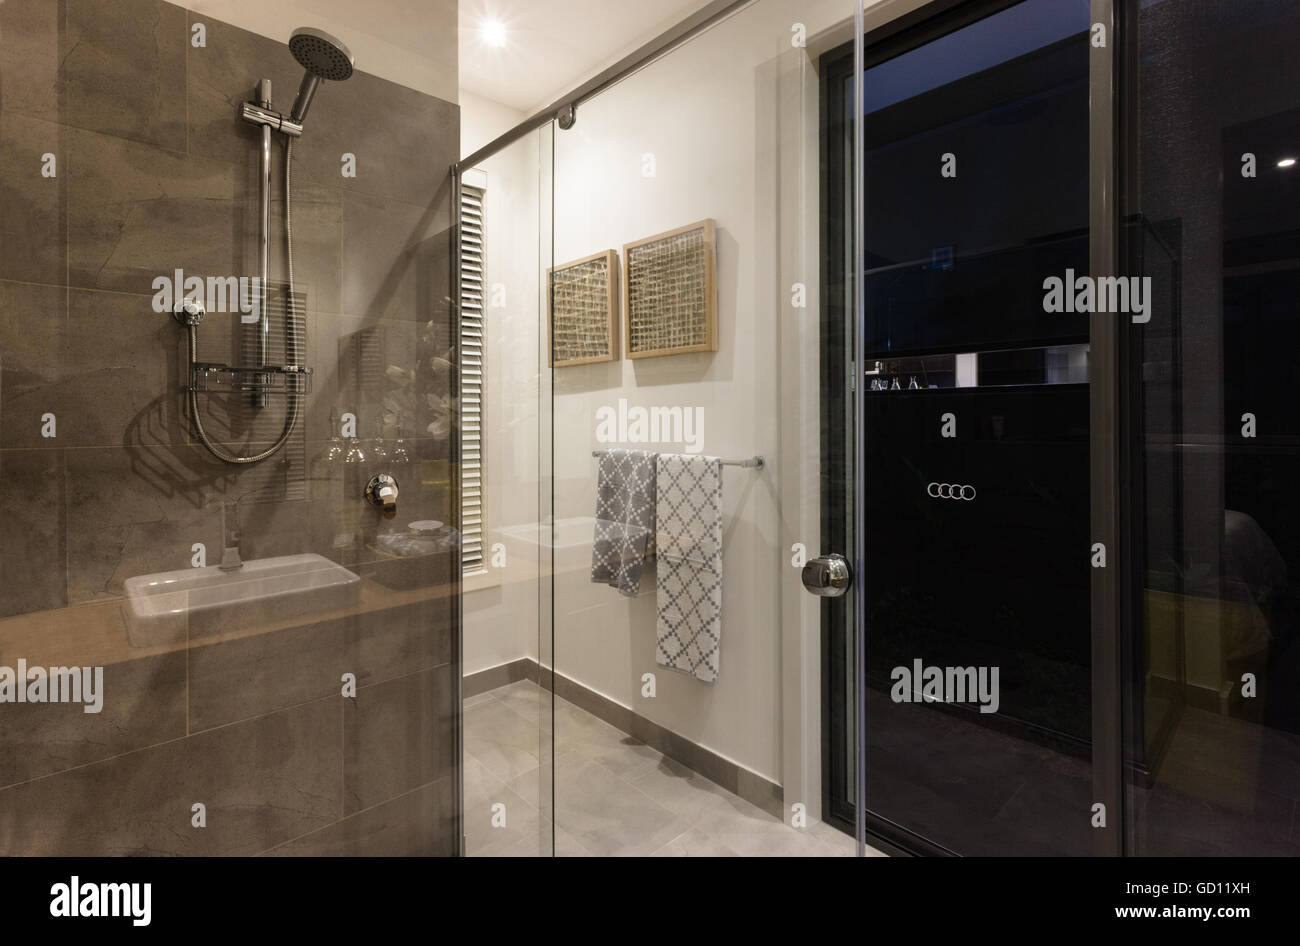 Modernes Badezimmer Dusche mit Glastüren und silbernen Hahn in der ...